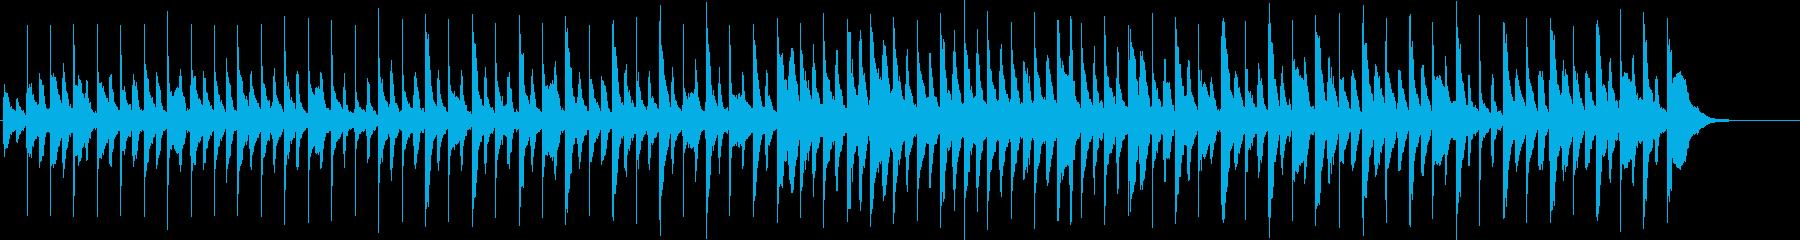 奇妙で軽快ハロウィン風ピアノ(SE無し)の再生済みの波形